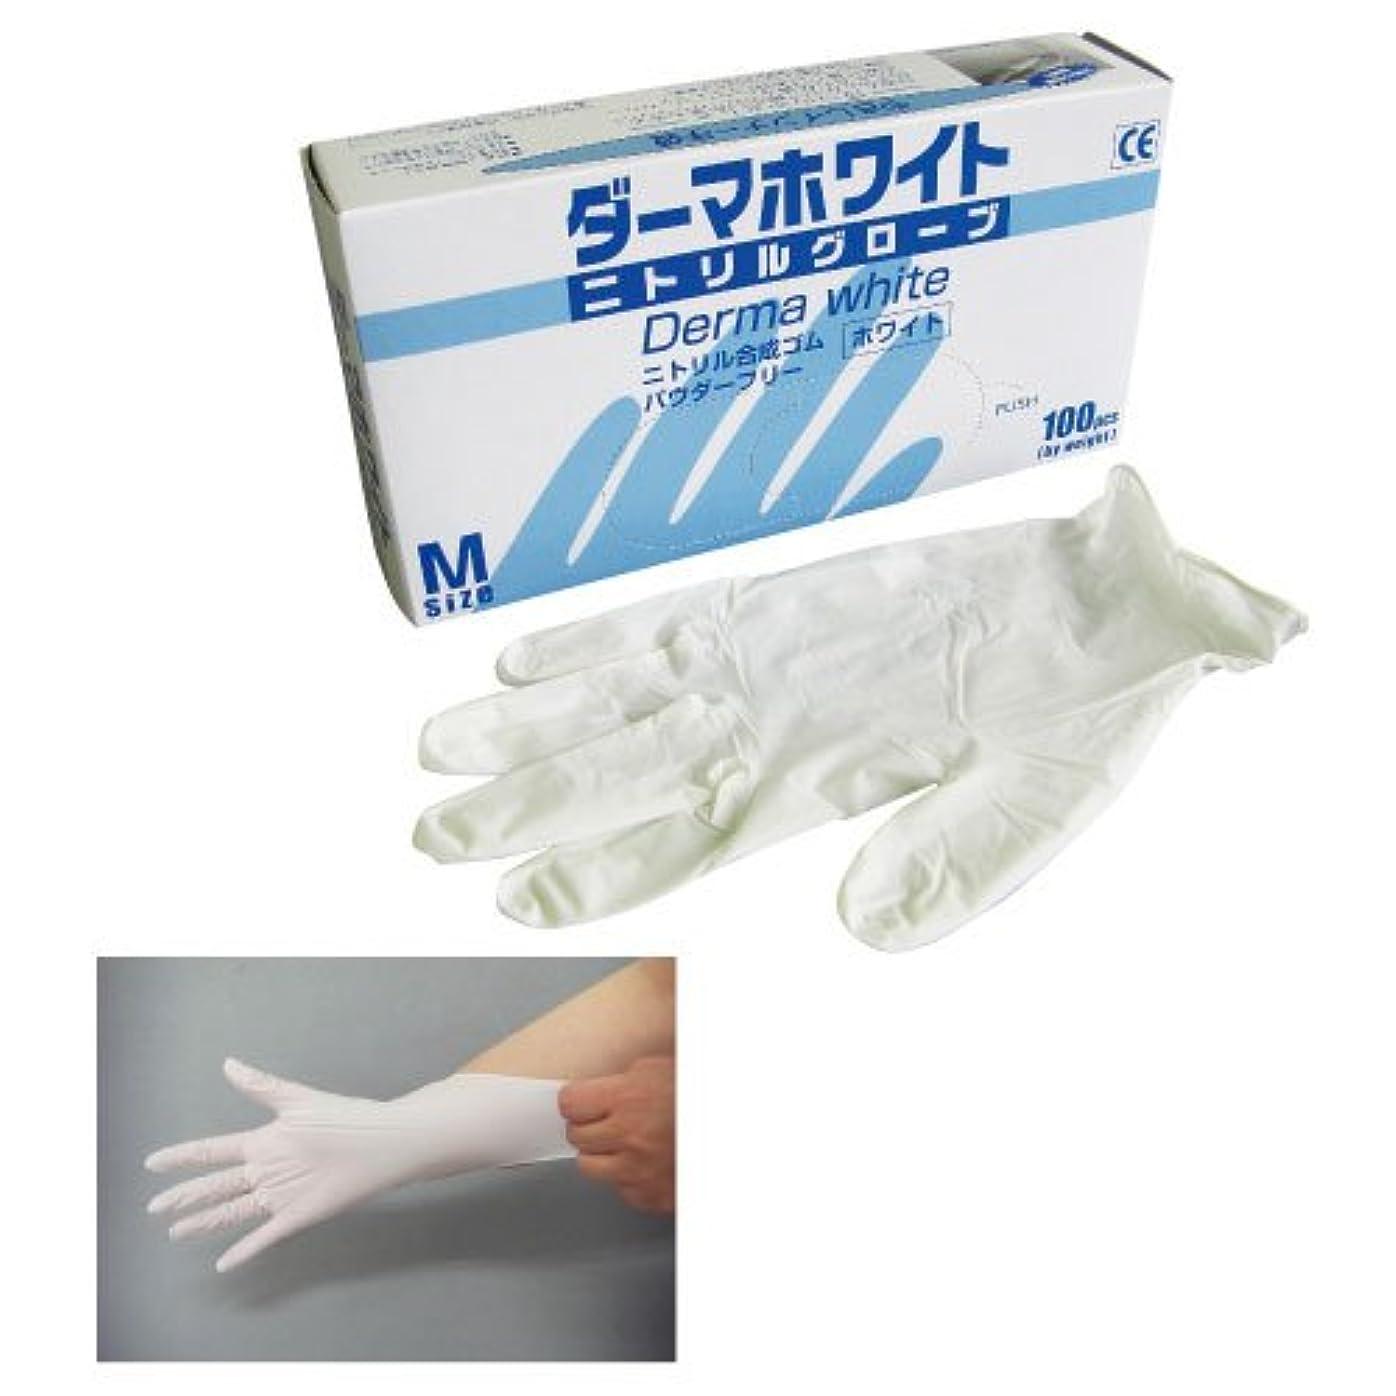 摘む無限小学生ダーマホワイト ニトリル手袋PF ?????????????????PF(23-3770-00)GN01(SS)100??